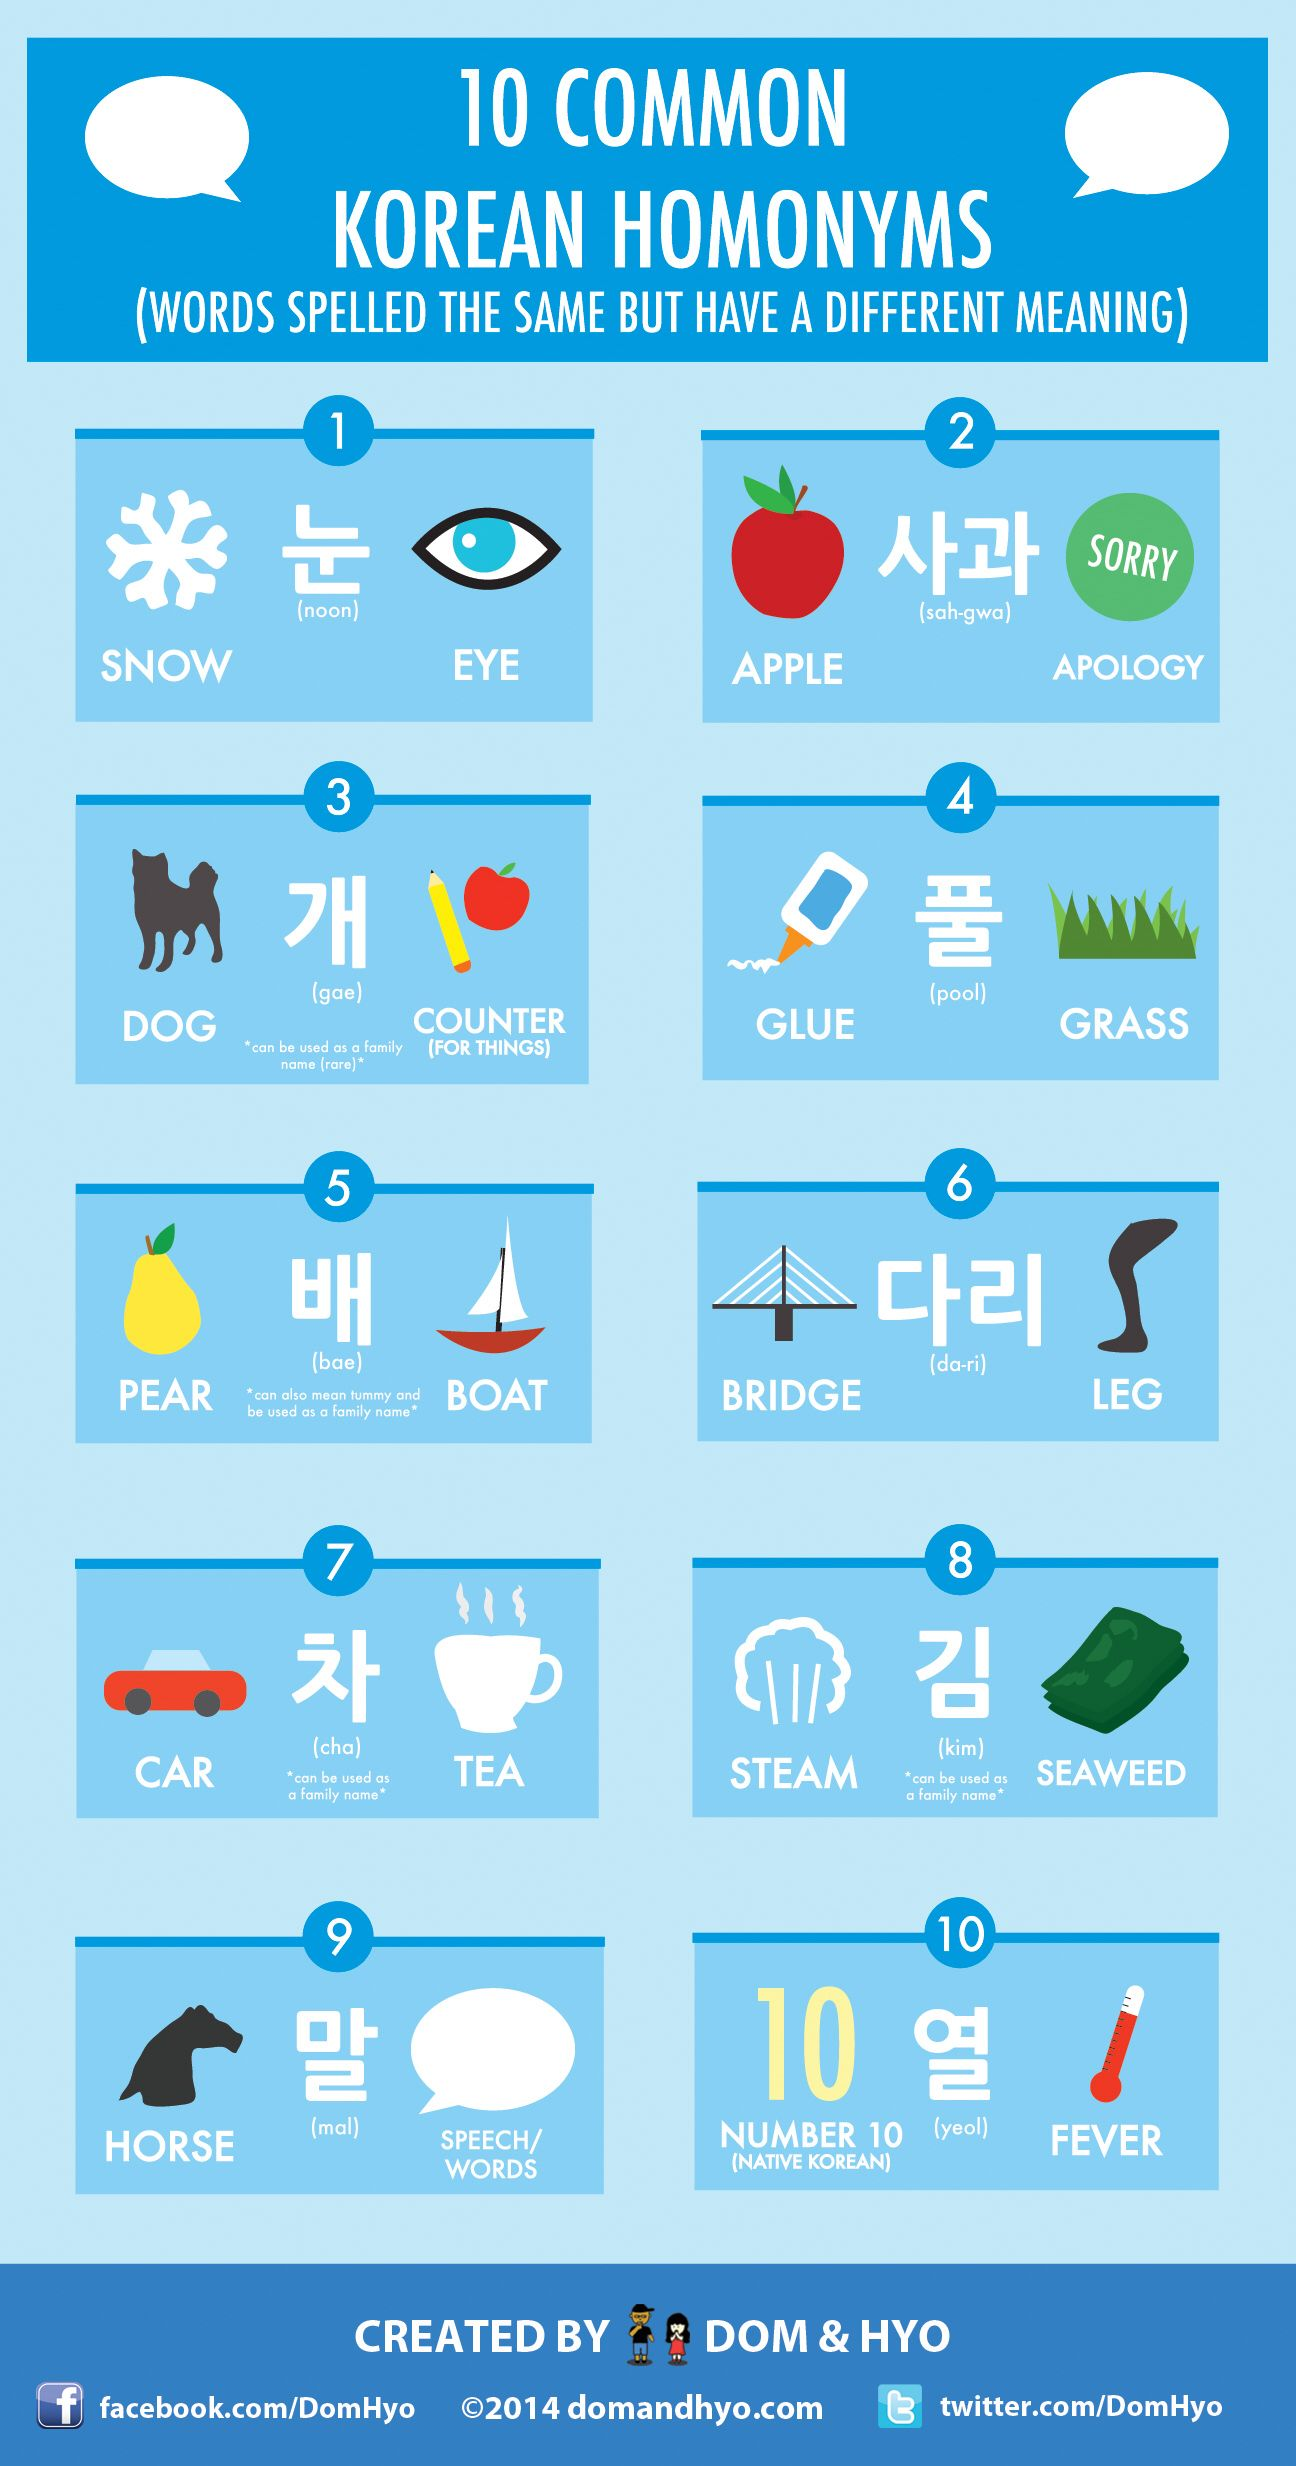 10 Common Korean Homonyms